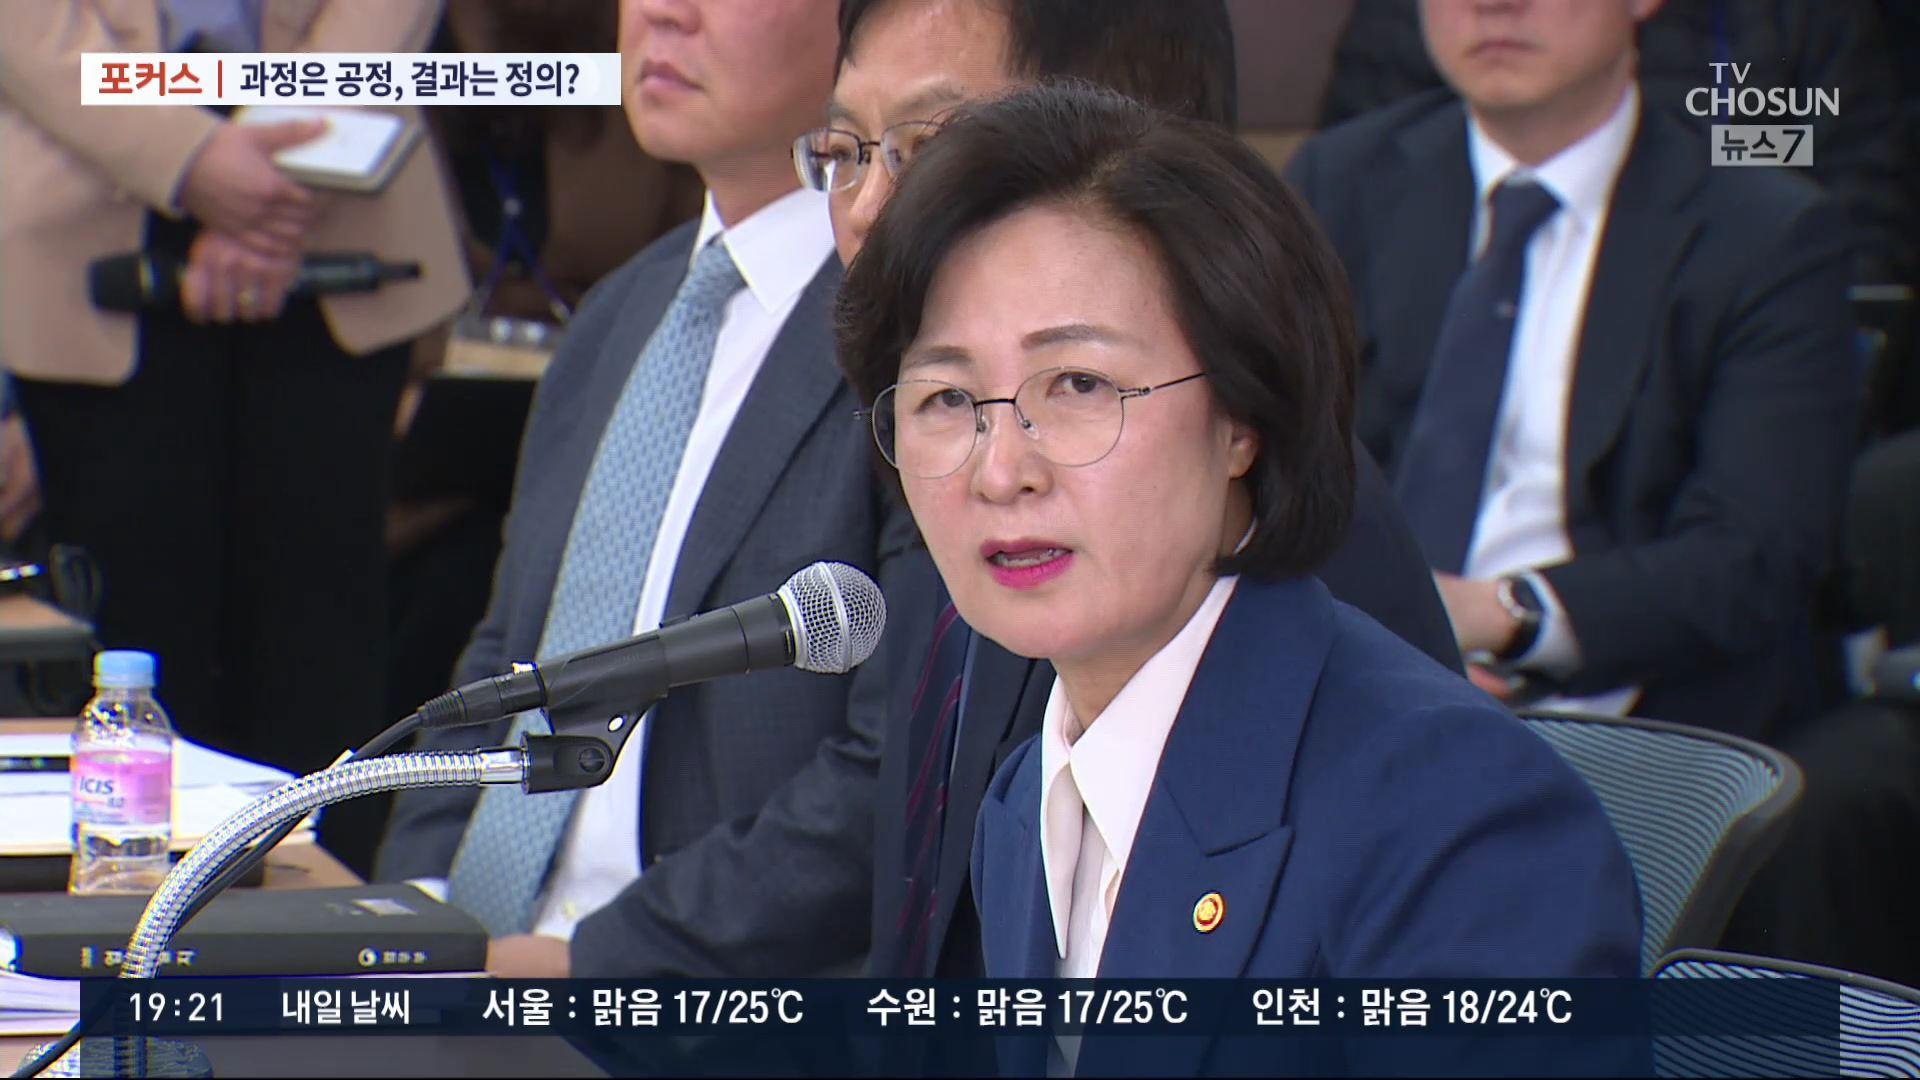 [포커스] 공정·정의 강조하던 與, 秋아들 의혹엔 '억지'